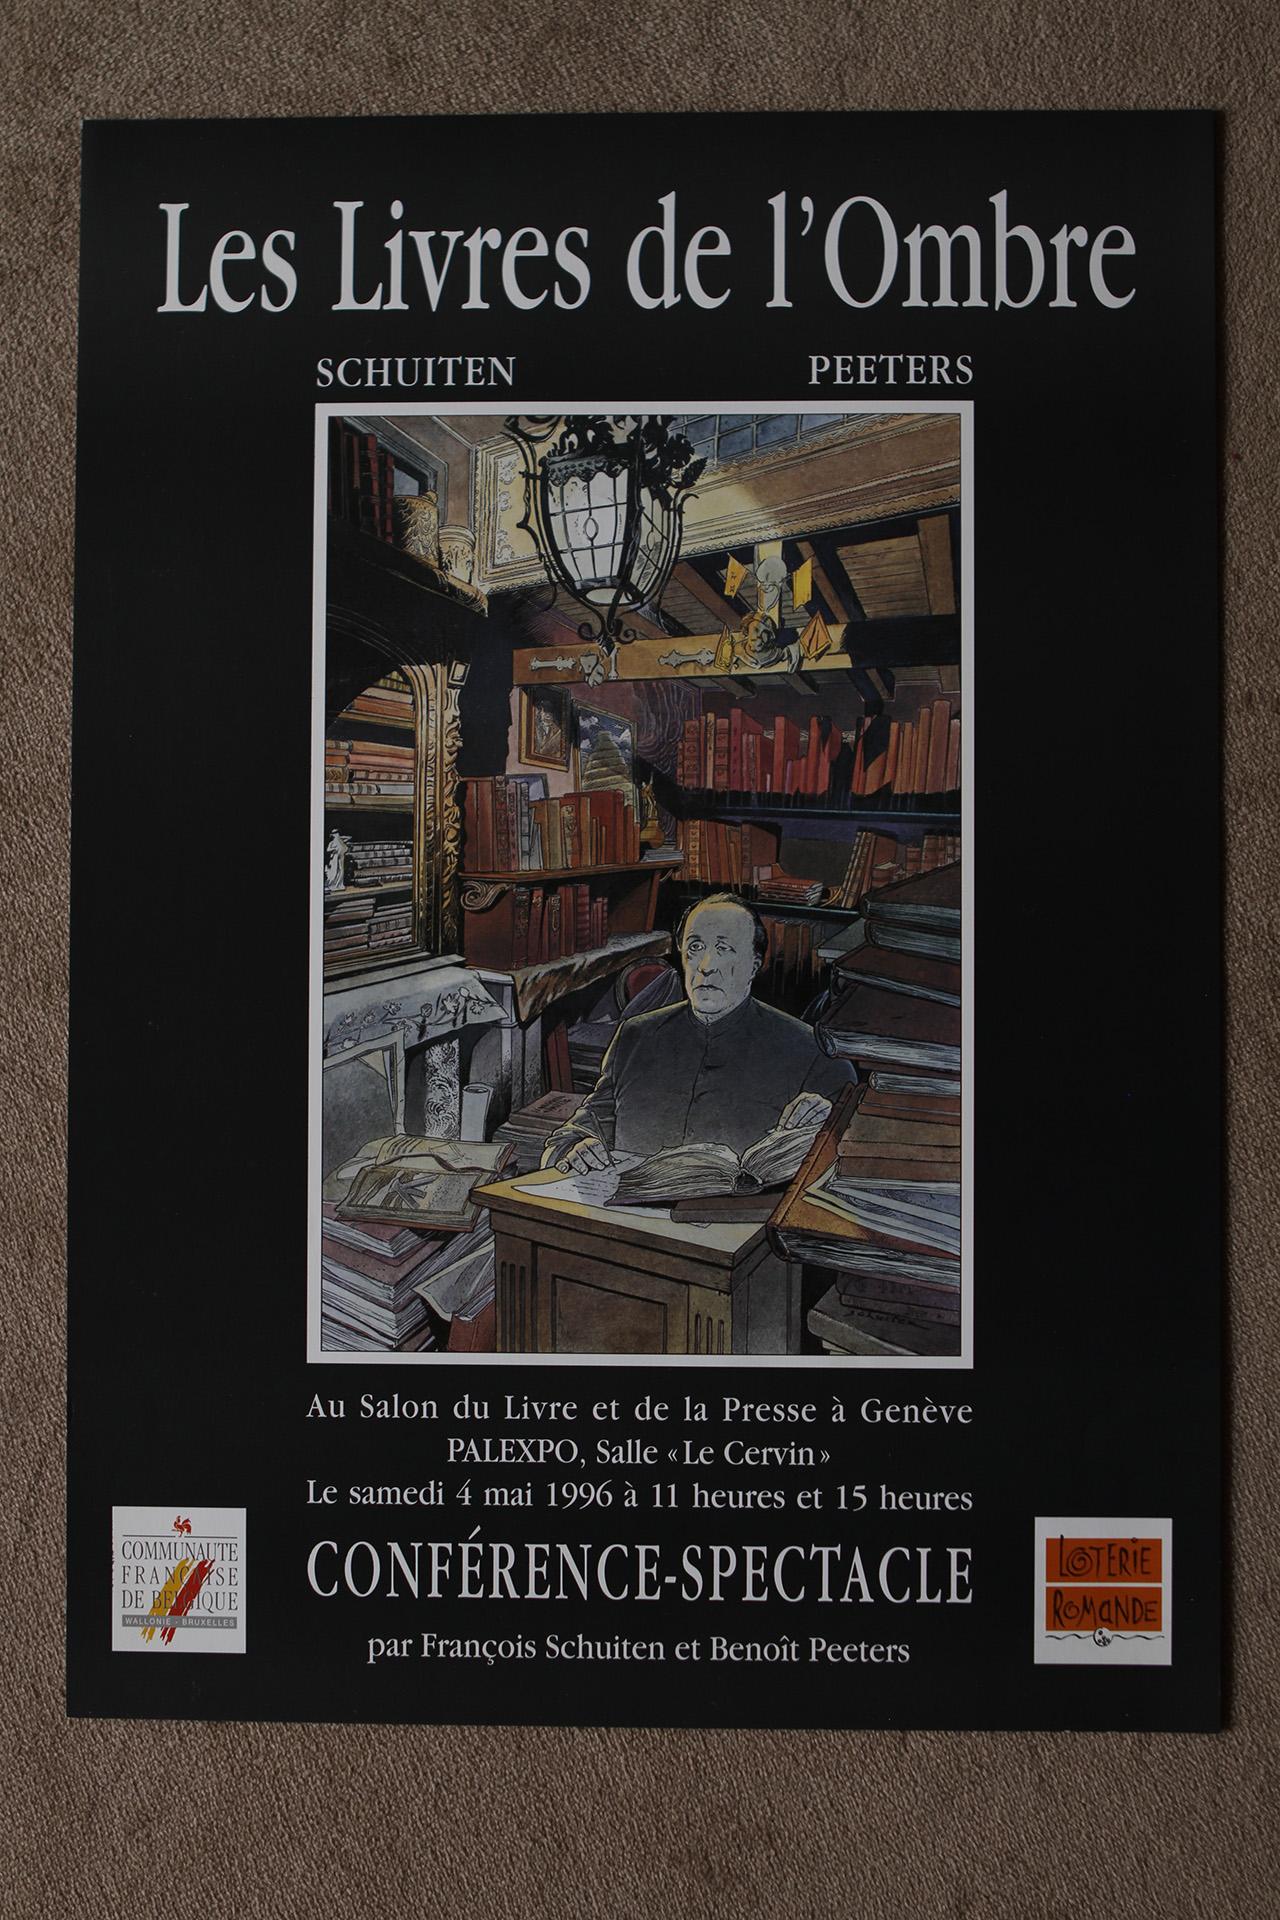 Les Livres de l'Ombre© François Schuiten, 1996